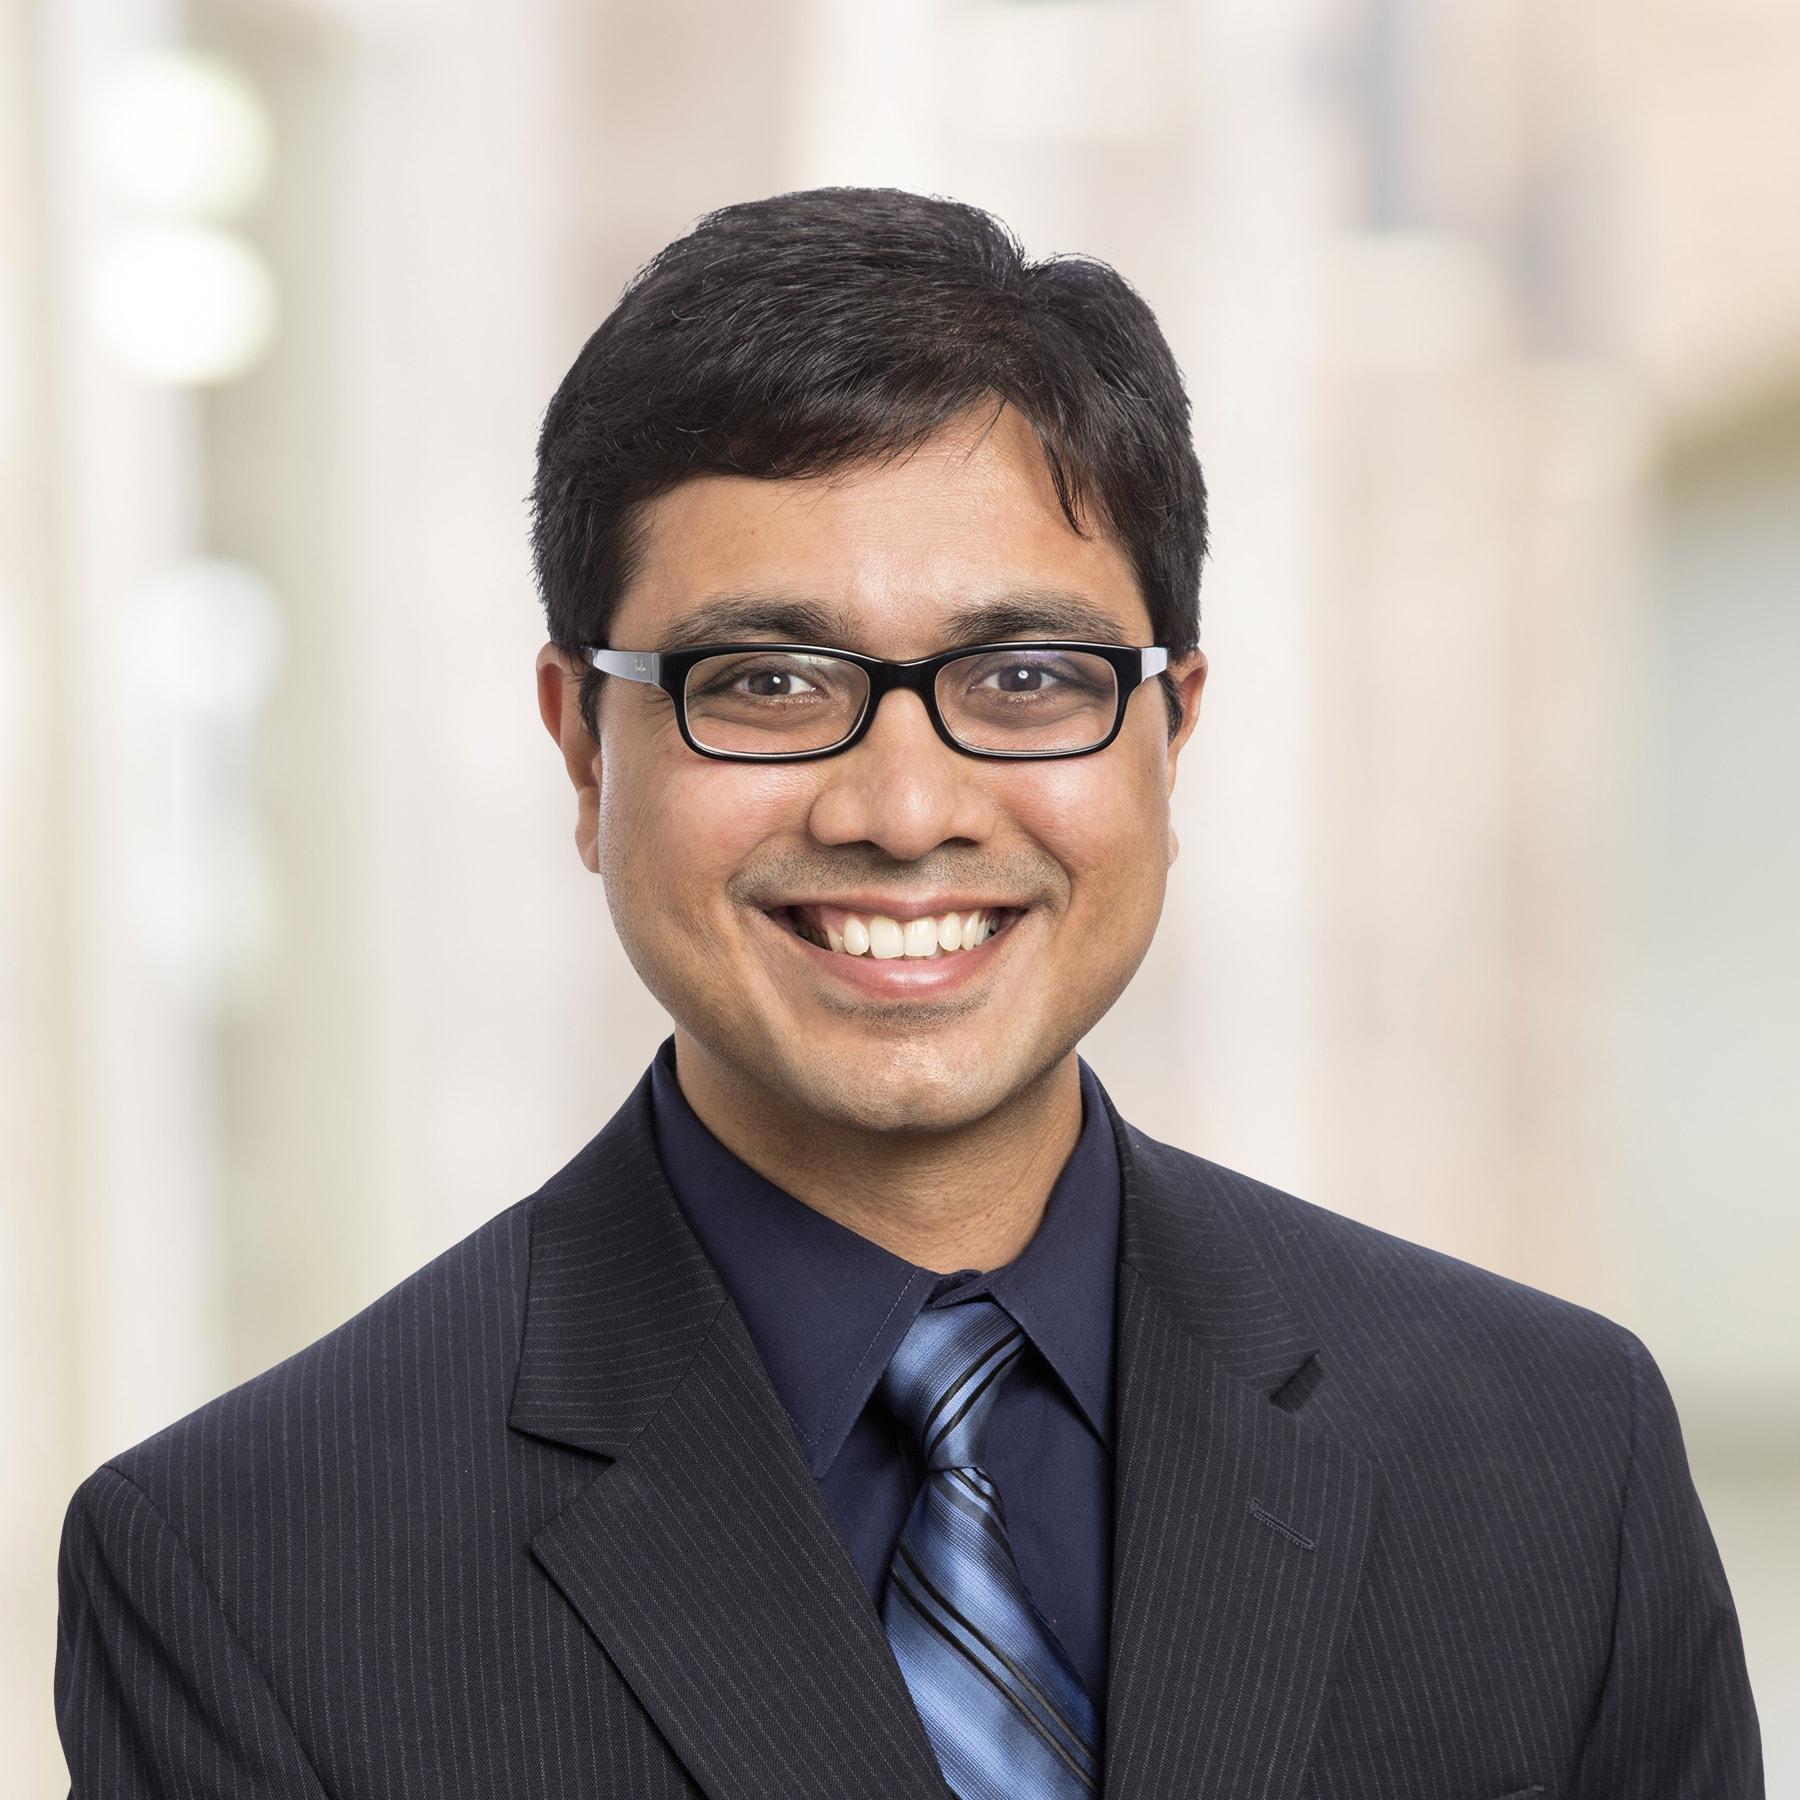 Ankit N. Mehta, MD, FASN